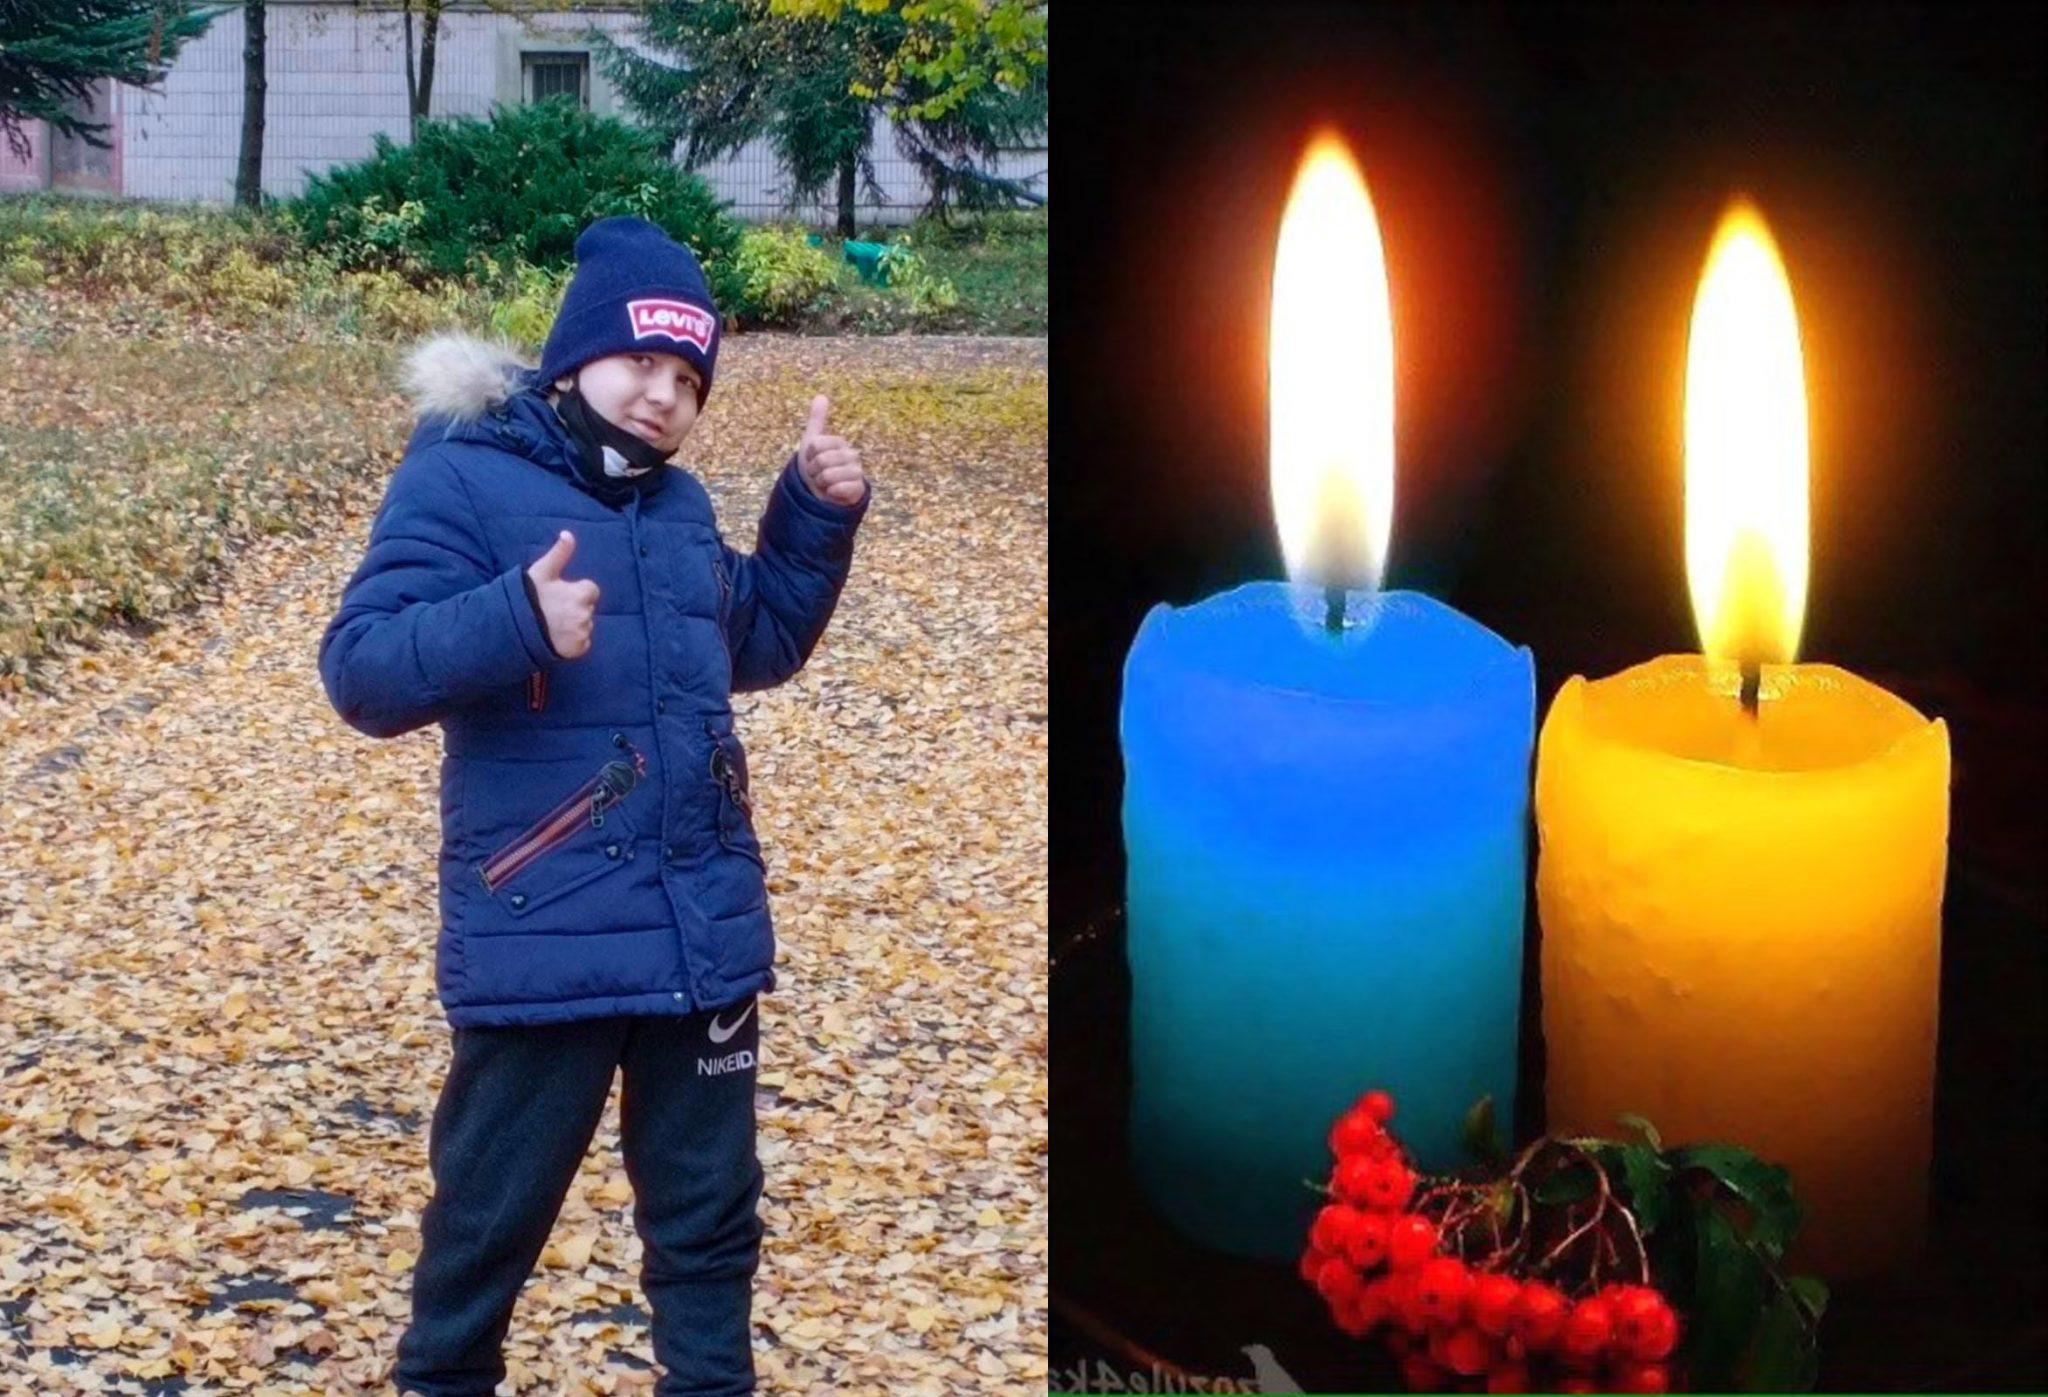 У Туреччині в клініці помер хлопчик з України: потрібно допомогти перевести тіло до України